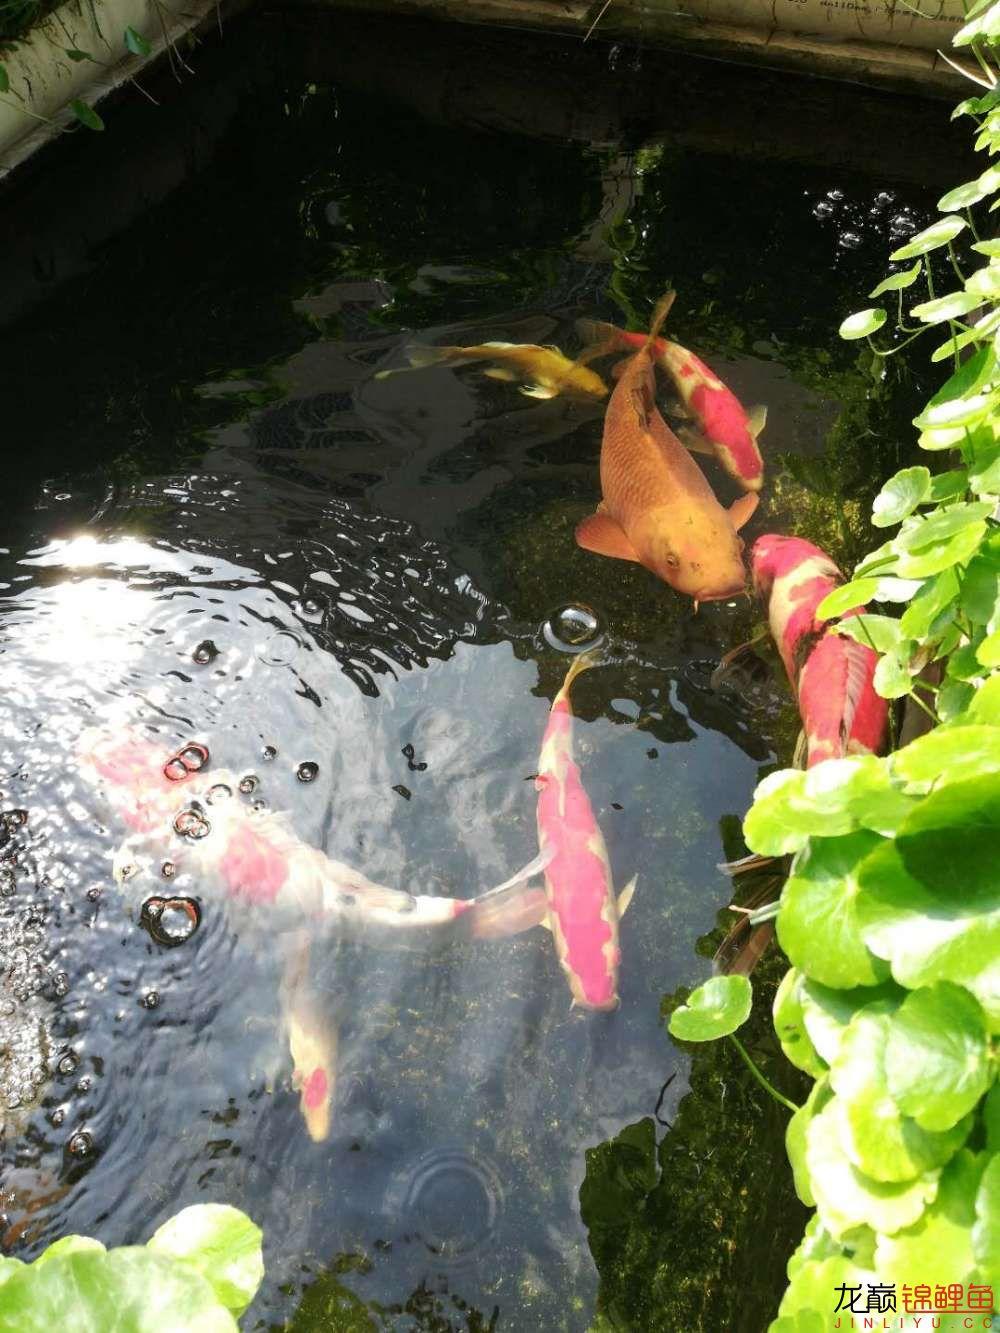 北京哪个水族店有白子关刀鱼天气转暖刚剪几天的草又开始猛长了 北京观赏鱼 北京龙鱼第16张